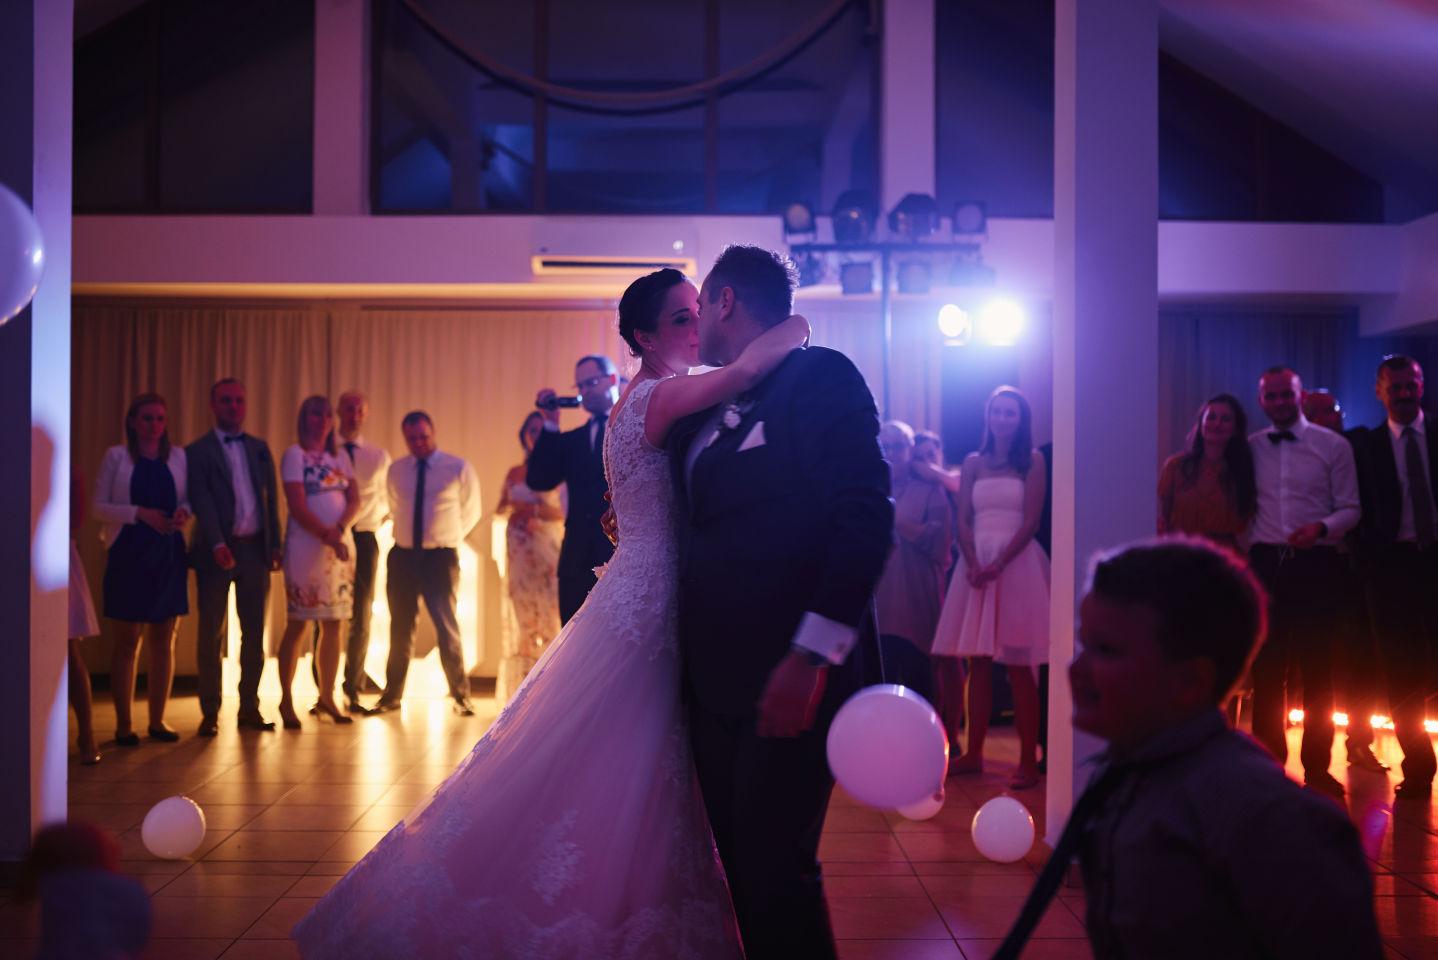 pierwszy taniec reportaż ślubny